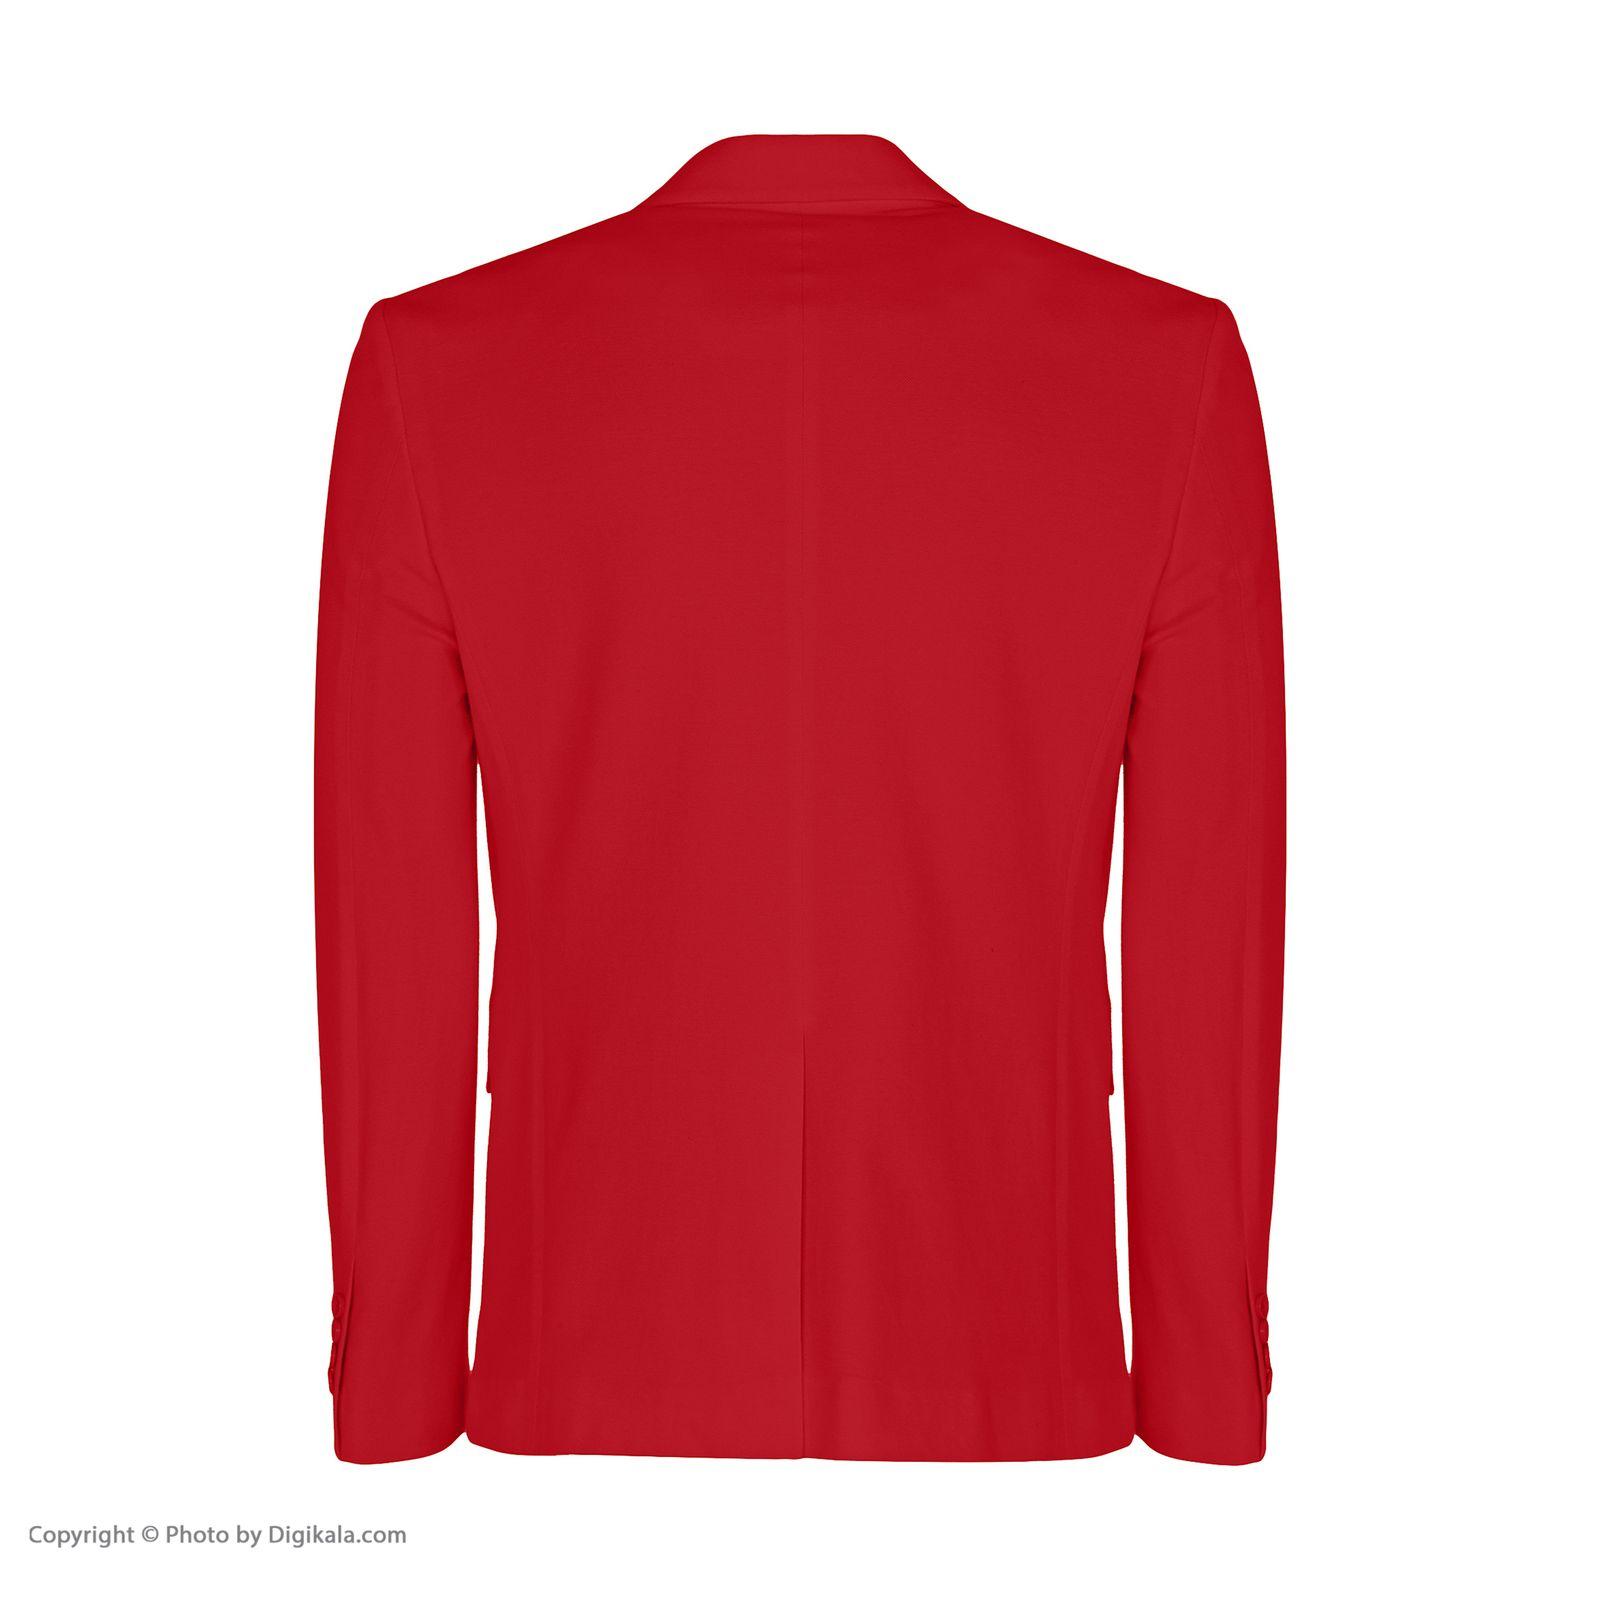 کت تک مردانه ان سی نو مدل جانسو رنگ قرمز -  - 3